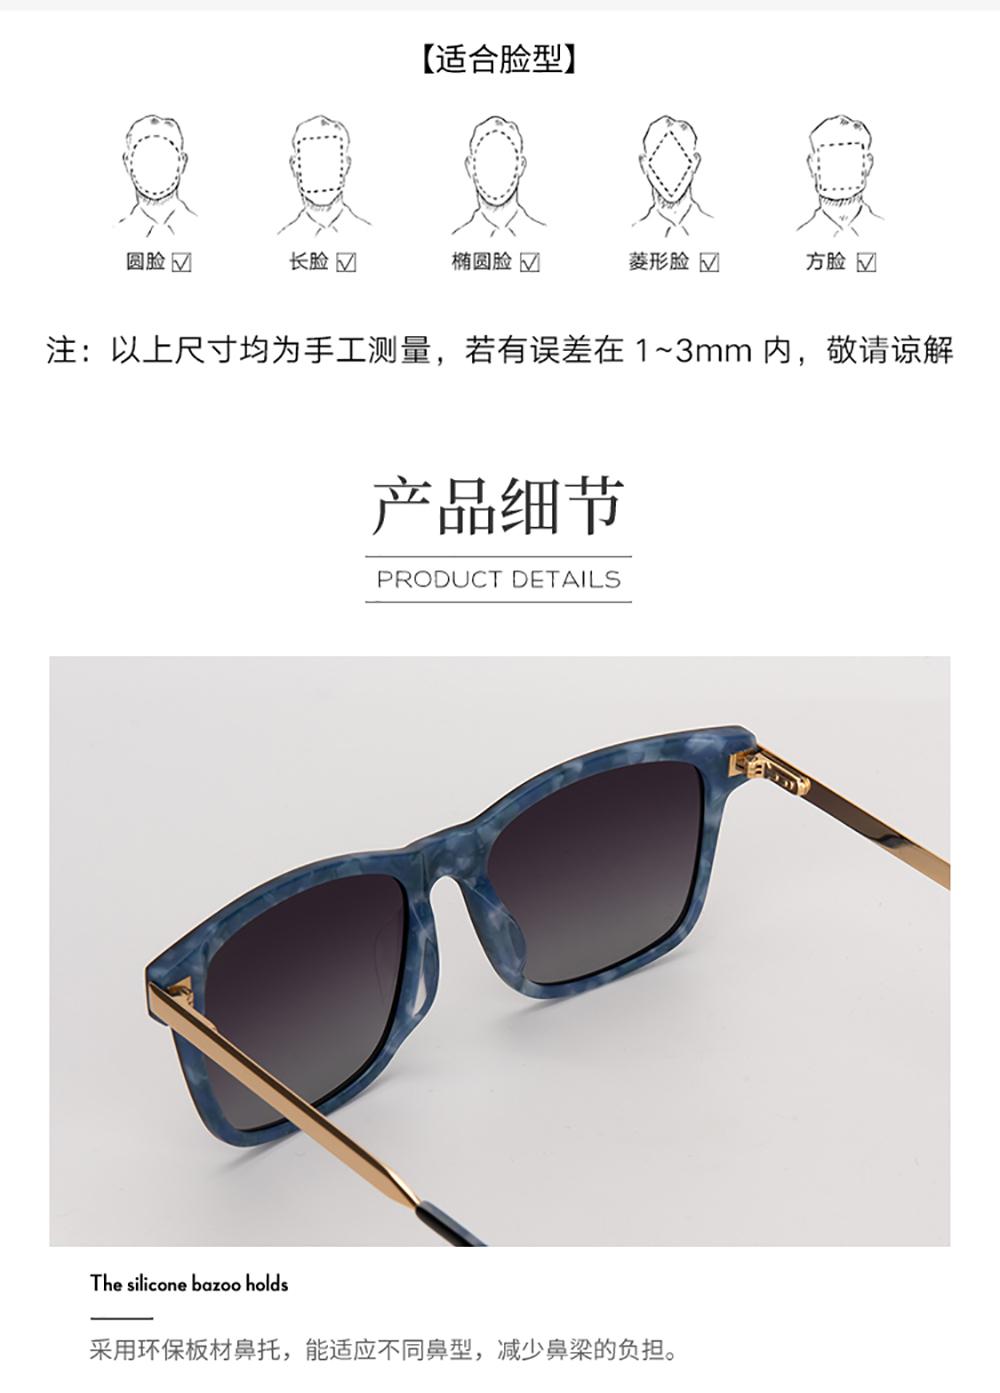 醋酸板材金属眼镜-G4011